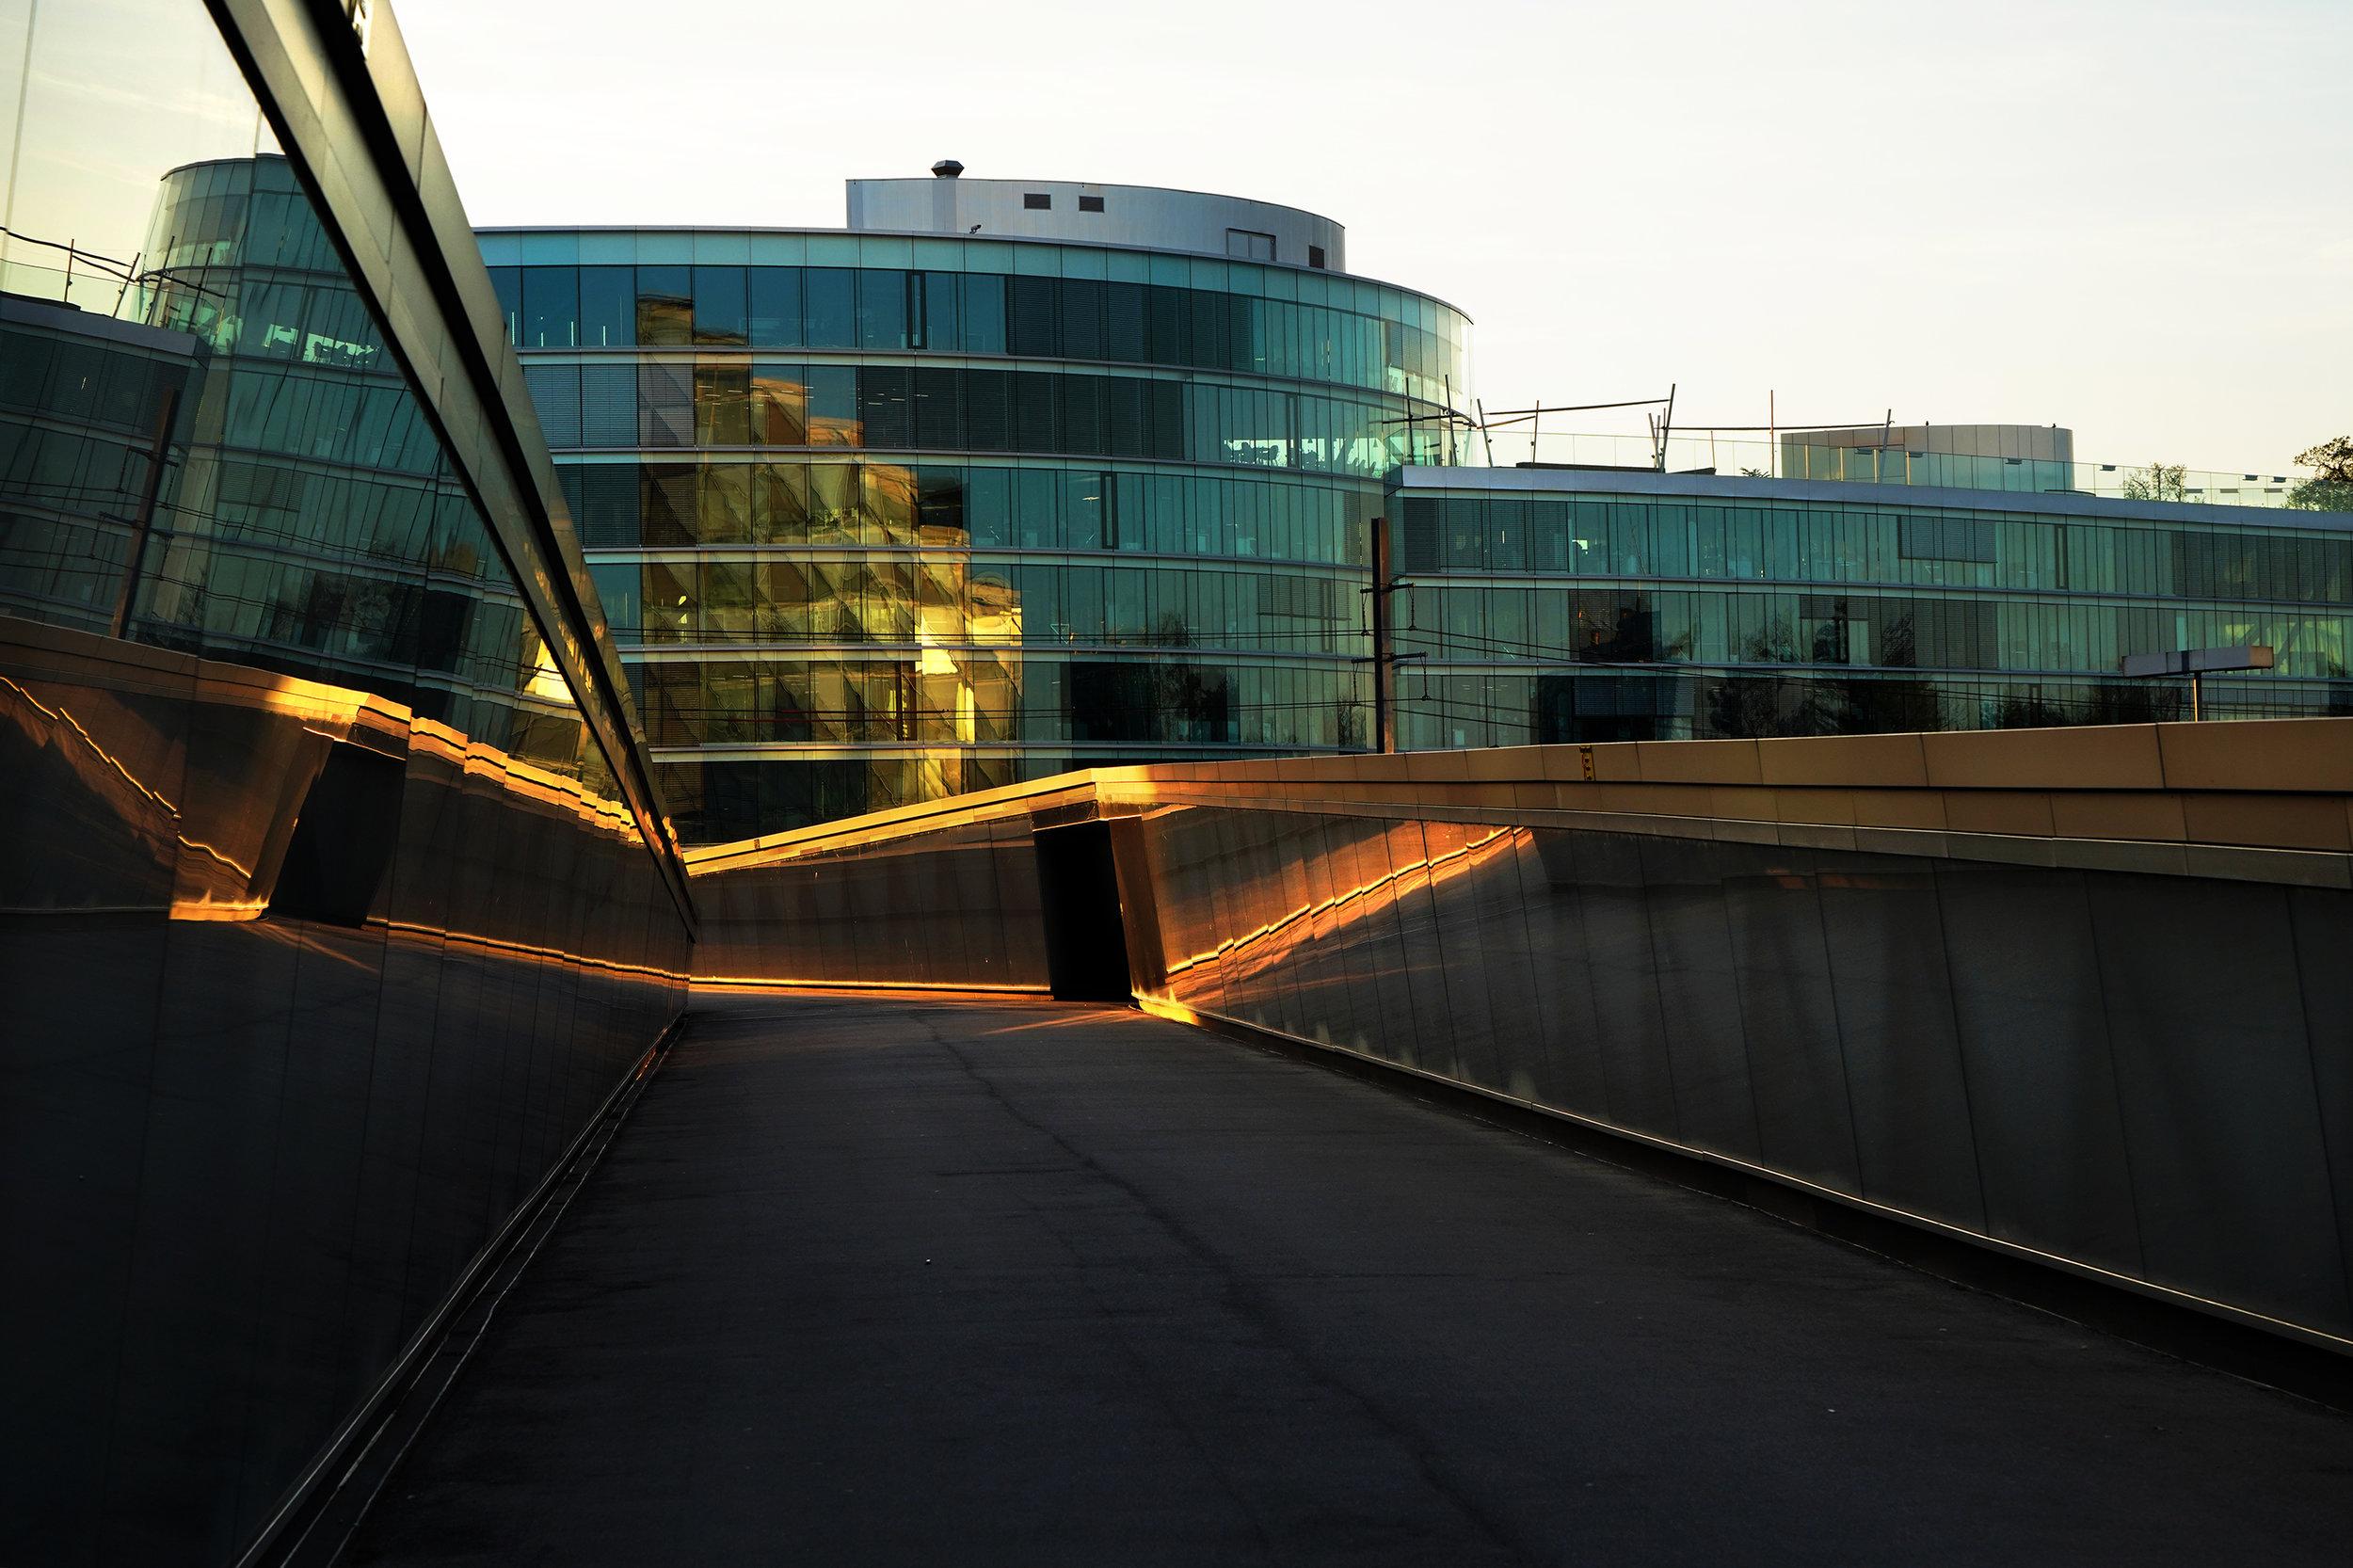 Sécheron, Genève. 2018